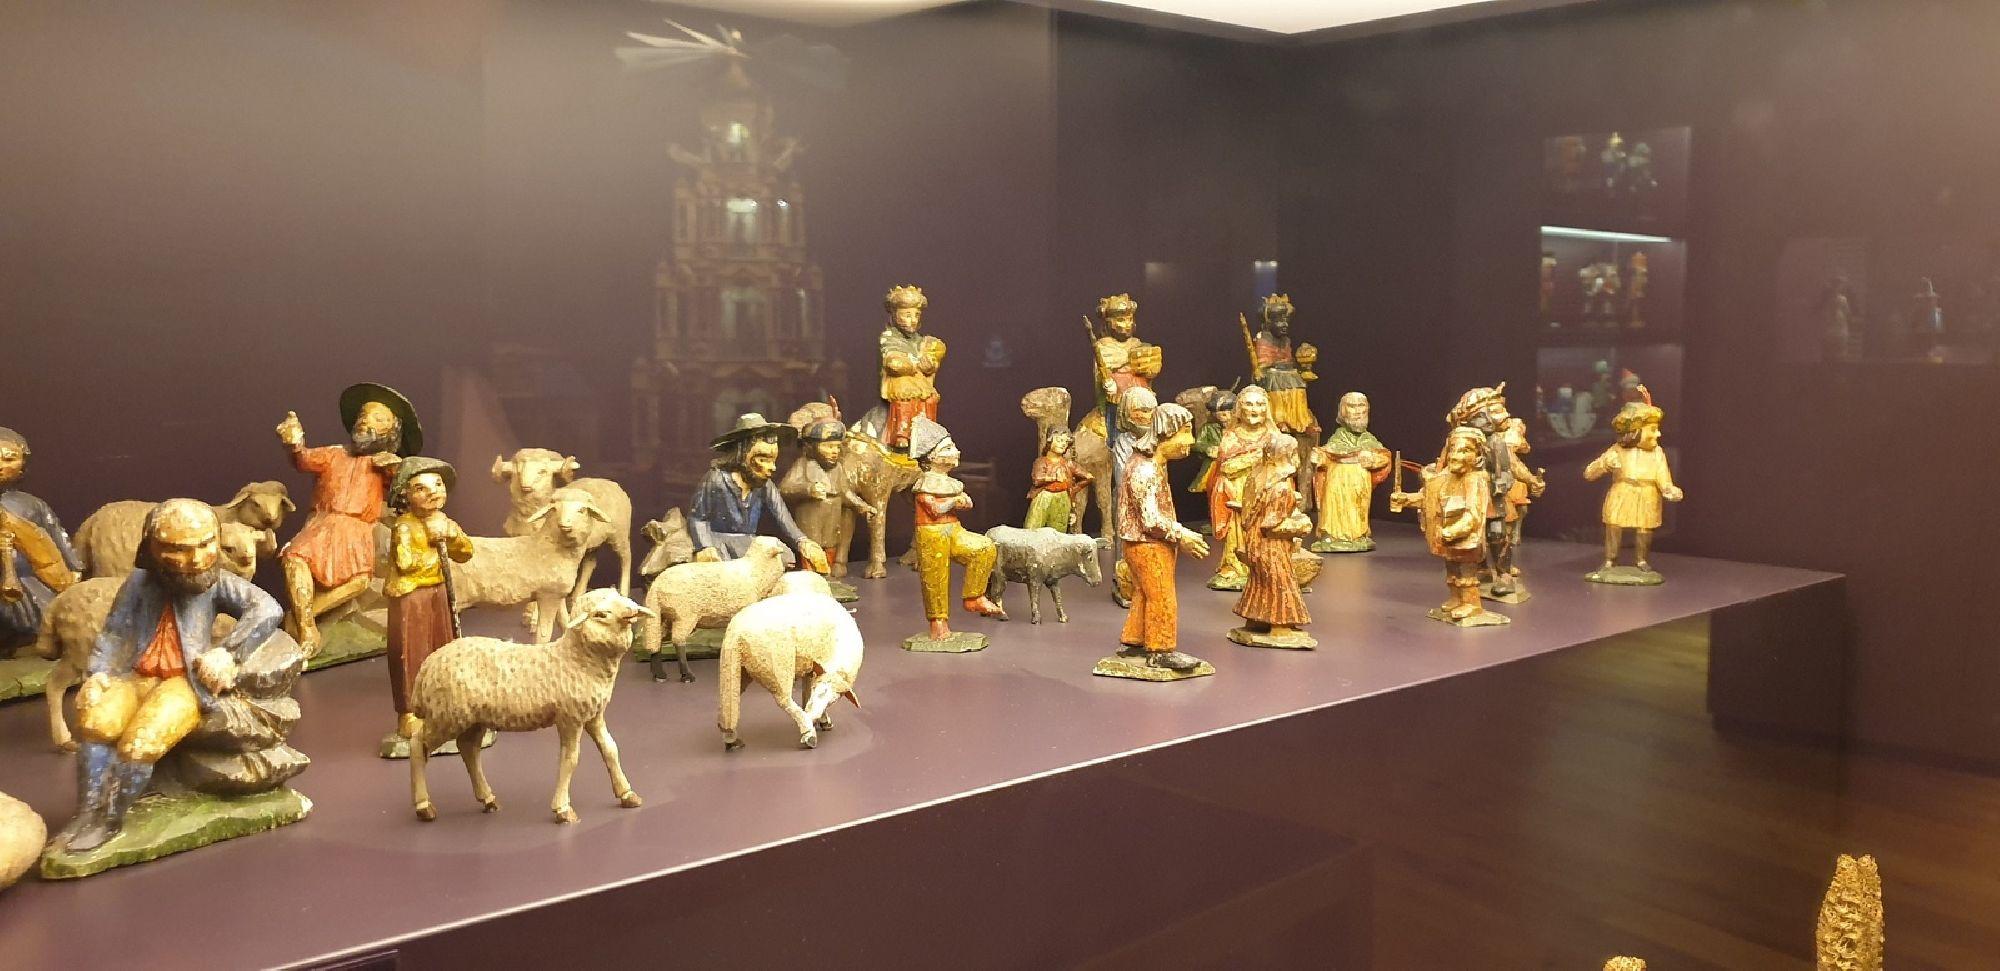 Holzfiguren in der Manufaktur der Träume